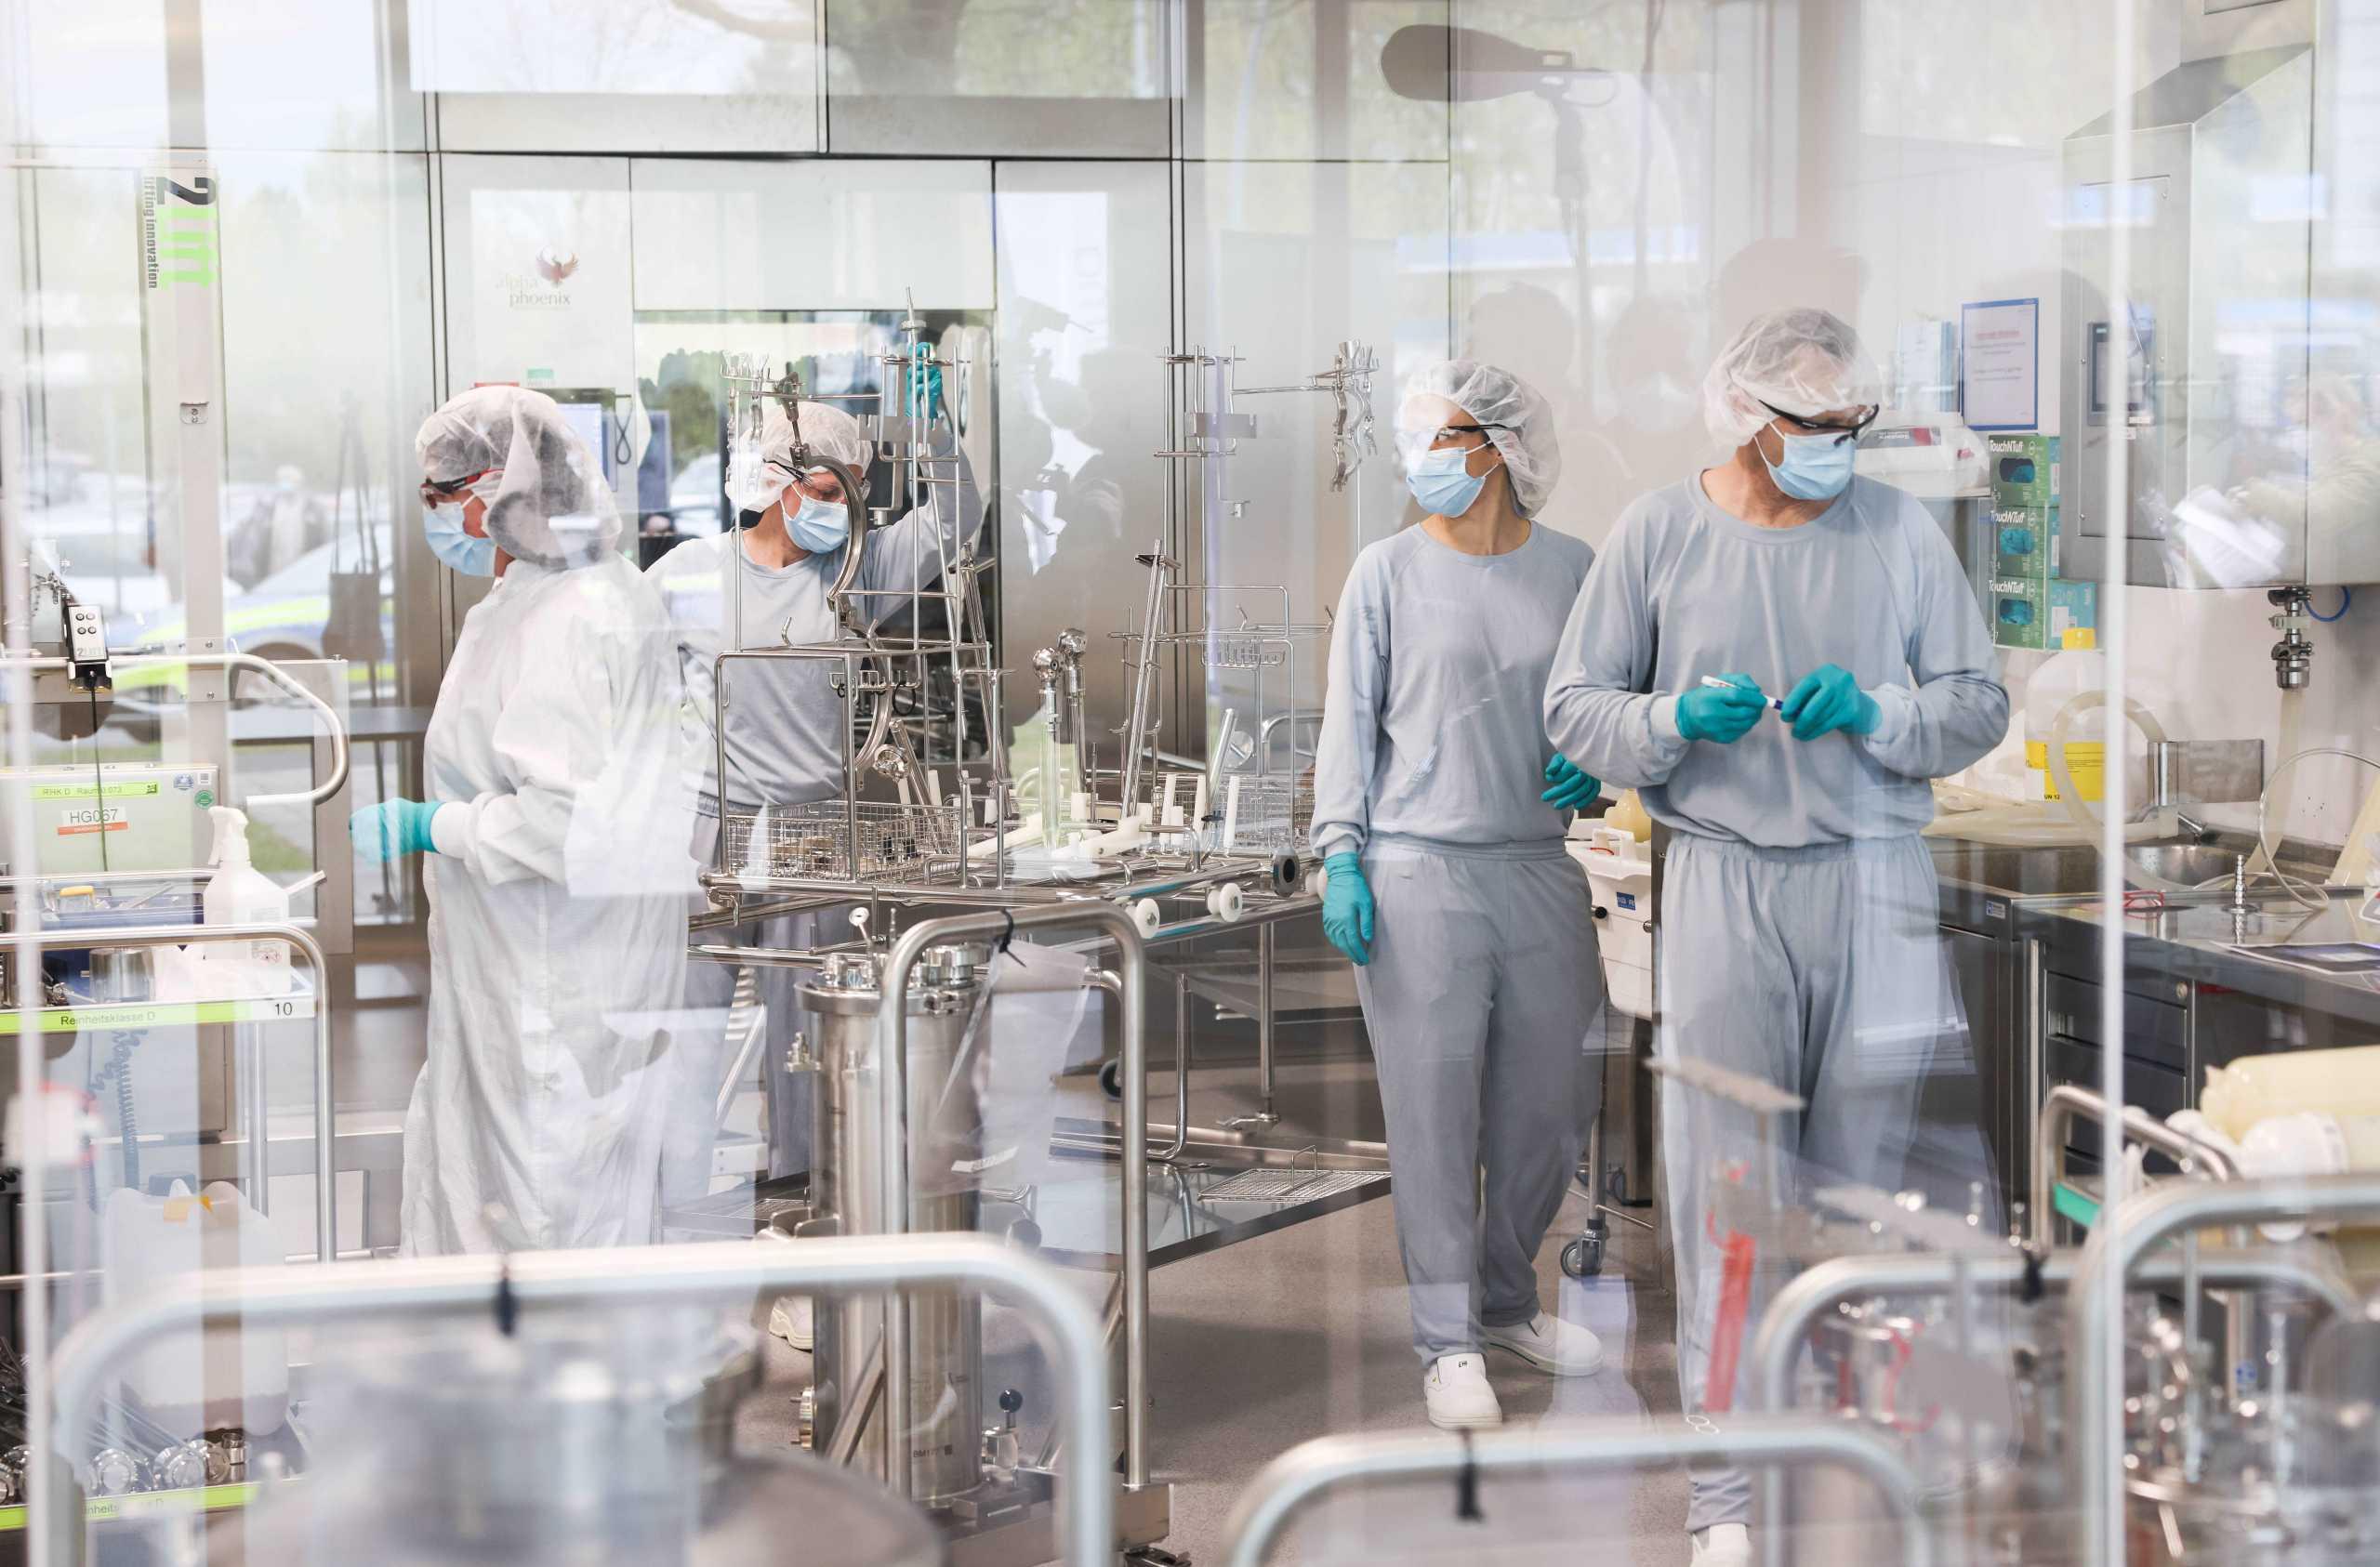 Επεκτείνεται η BioNTech: Ανοίγει εργοστάσιο στη Σιγκαπούρη και θα παράγει εμβόλια για τον κορονοϊό